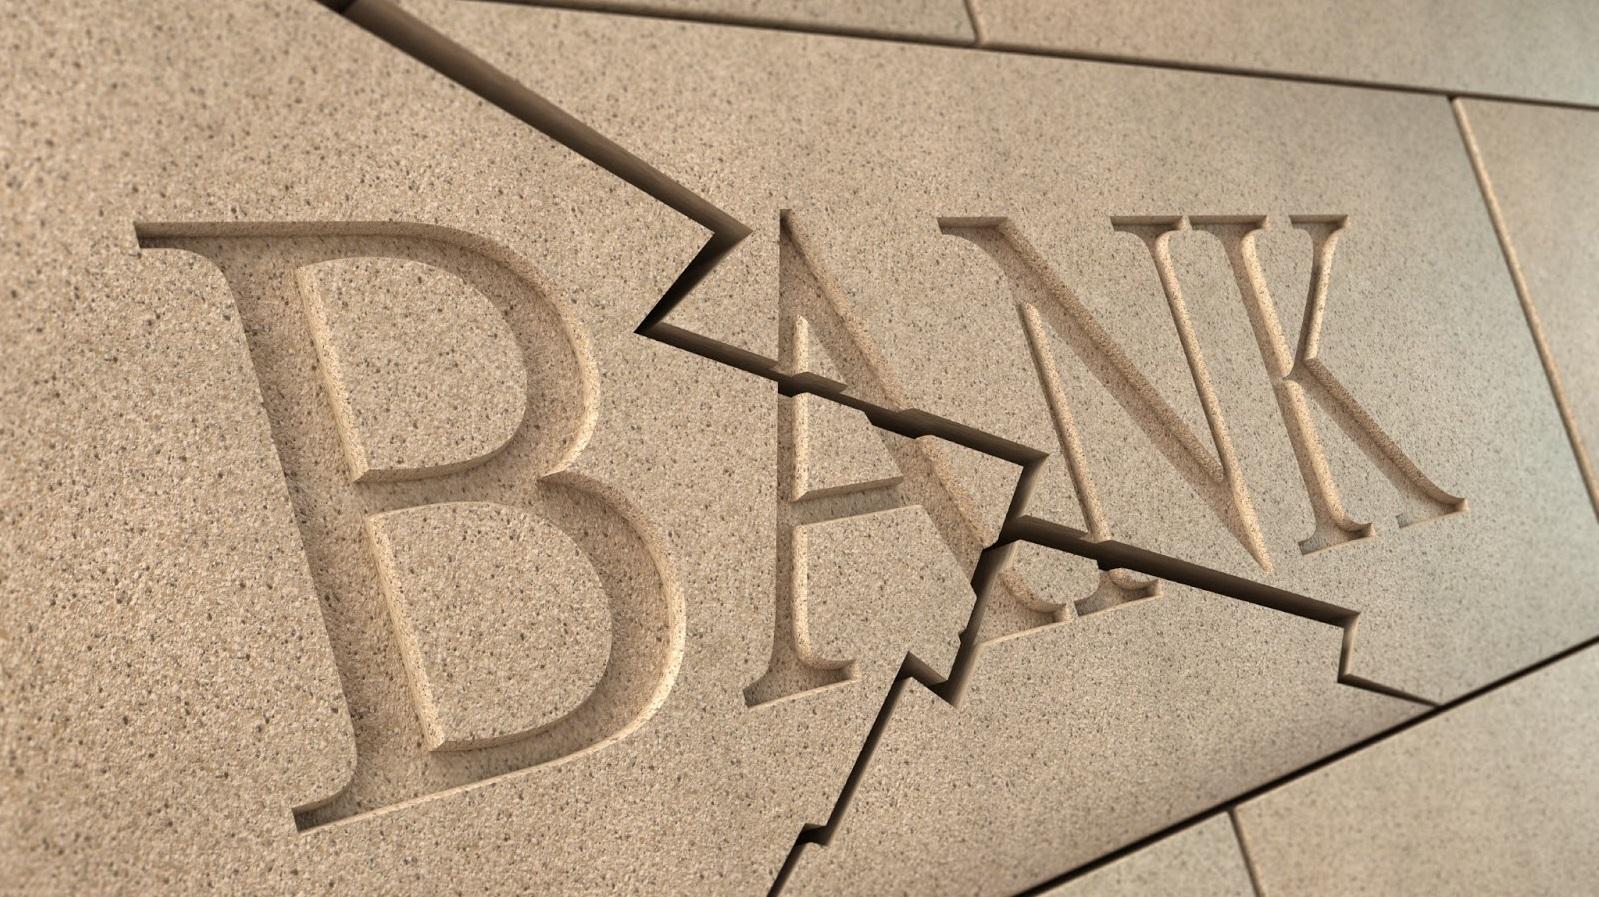 глобальные банки столкнутся с совокупными убытками по кредитам